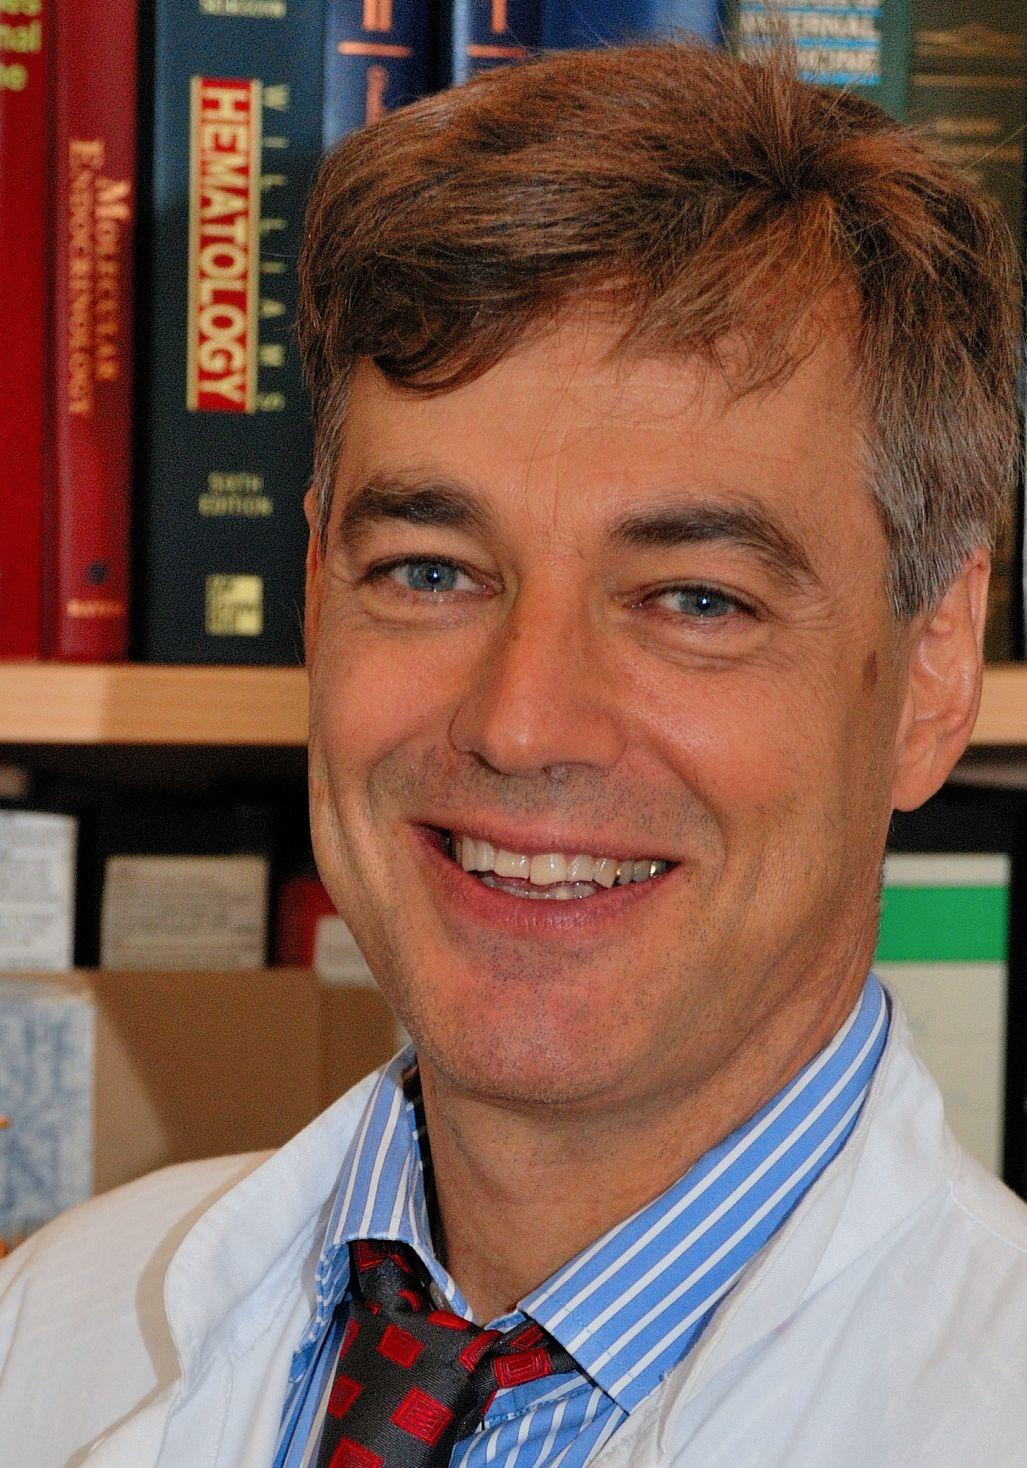 image of Stefan R. Bornstein